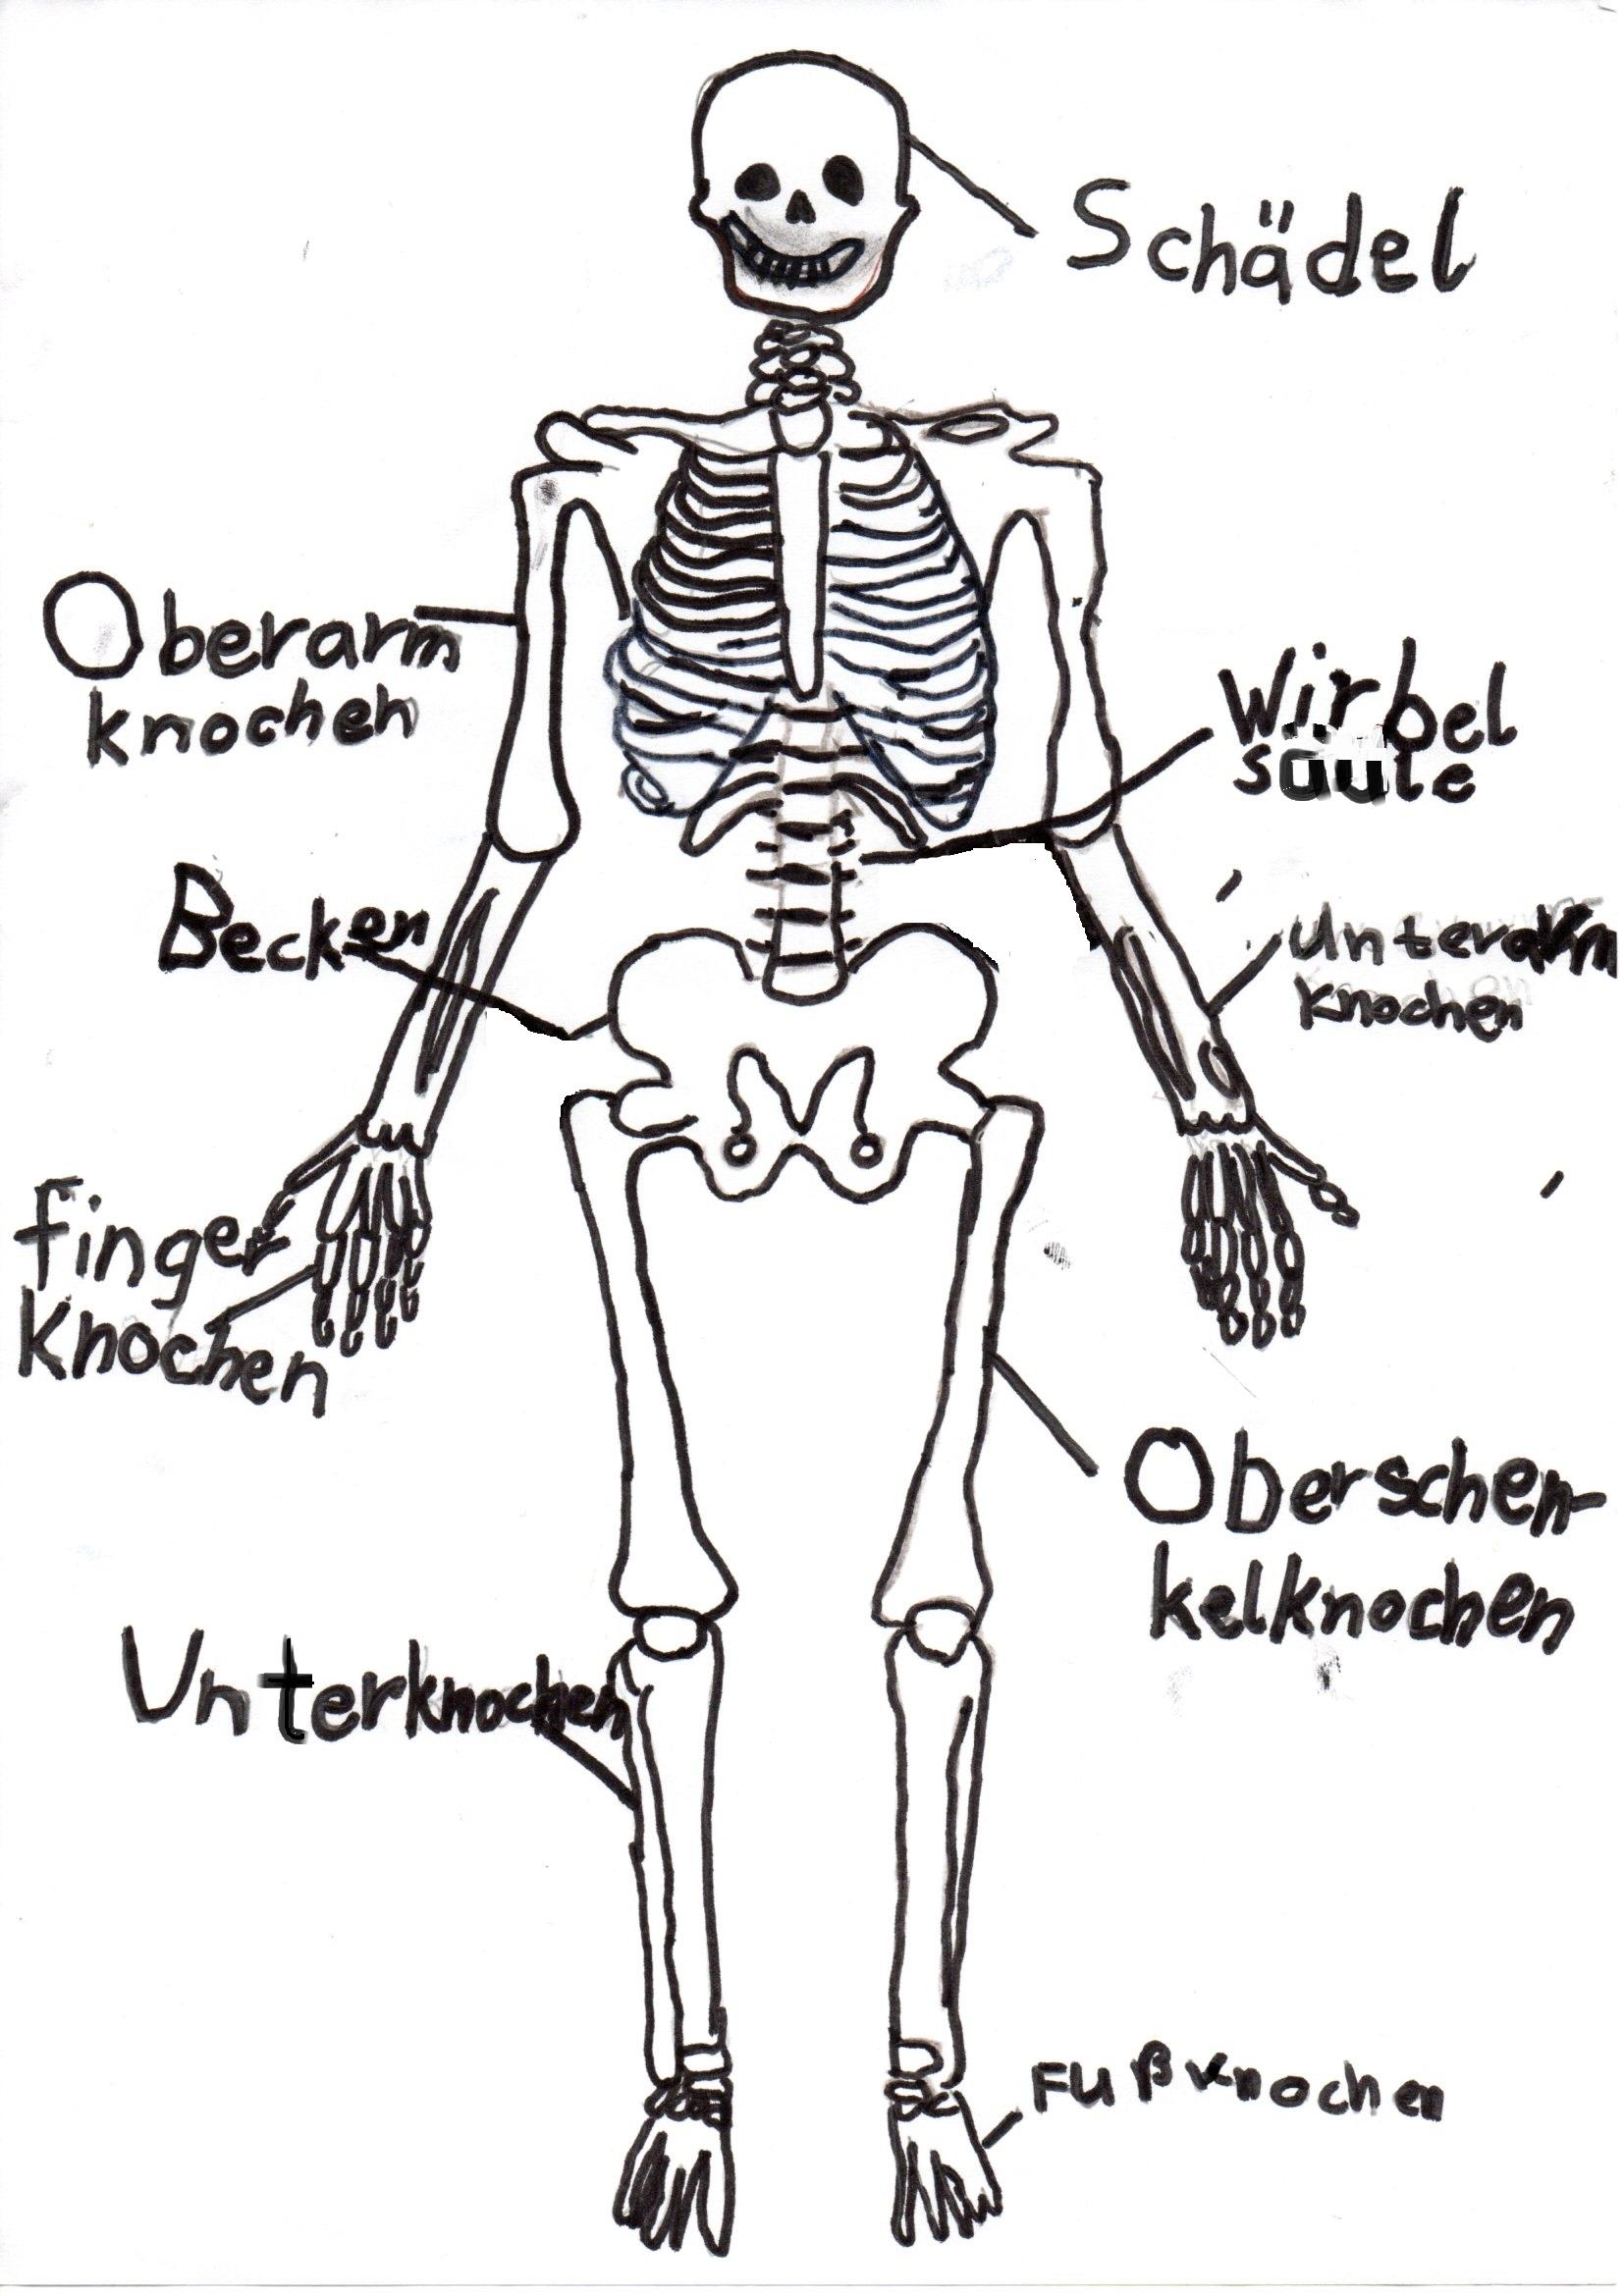 Beste Skelett Bild Von Knochen Bilder - Menschliche Anatomie Bilder ...